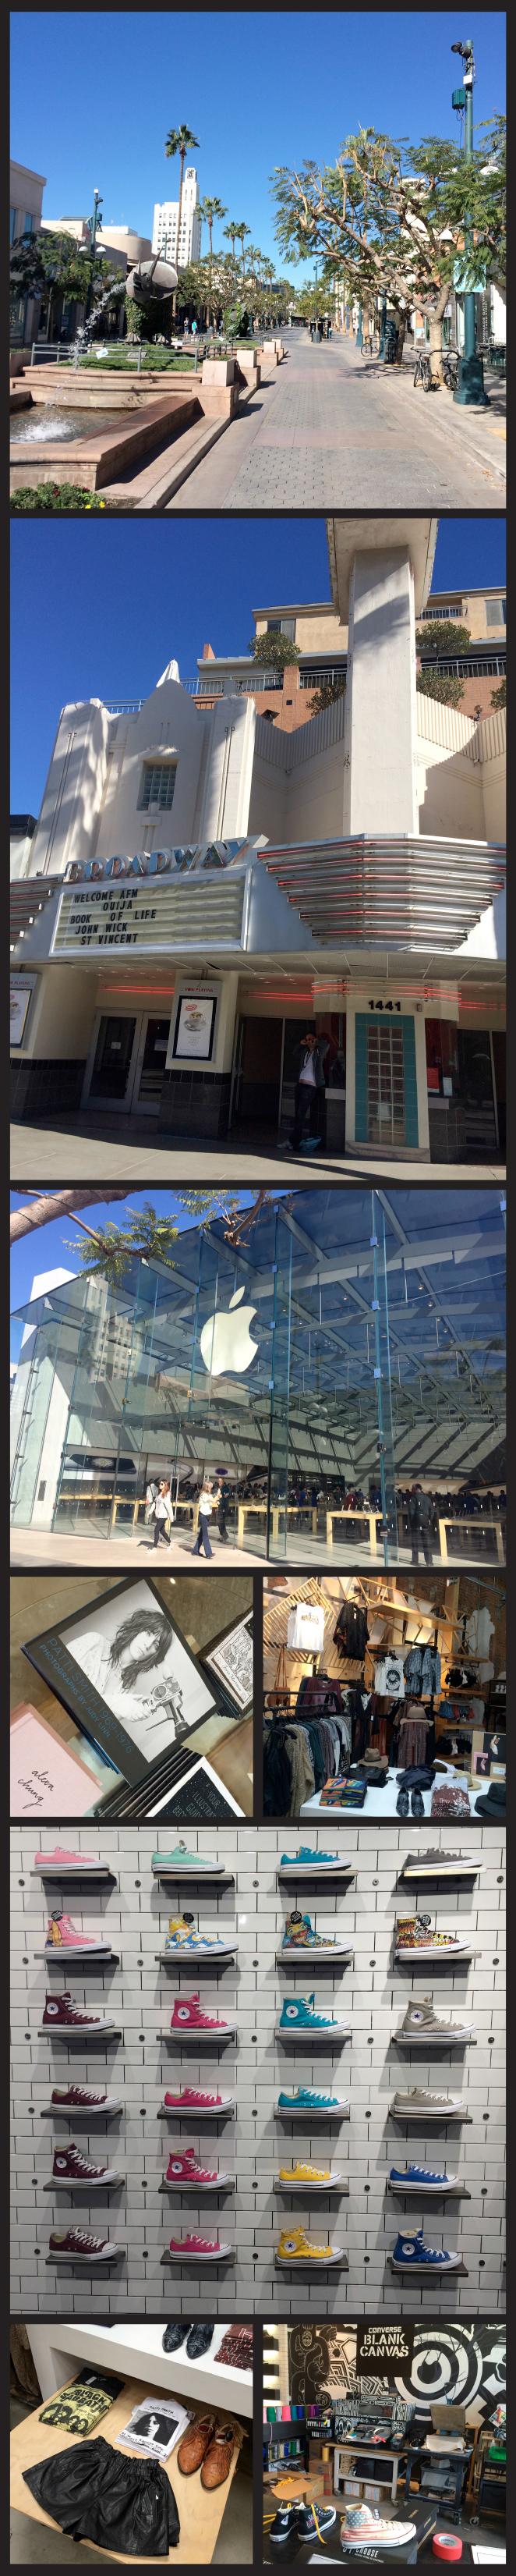 Third Street en Santa Mónica, donde encontraréis tiendas populares americanas y más asequibles (Victoria´s Secret, Apple, Converse…)!!